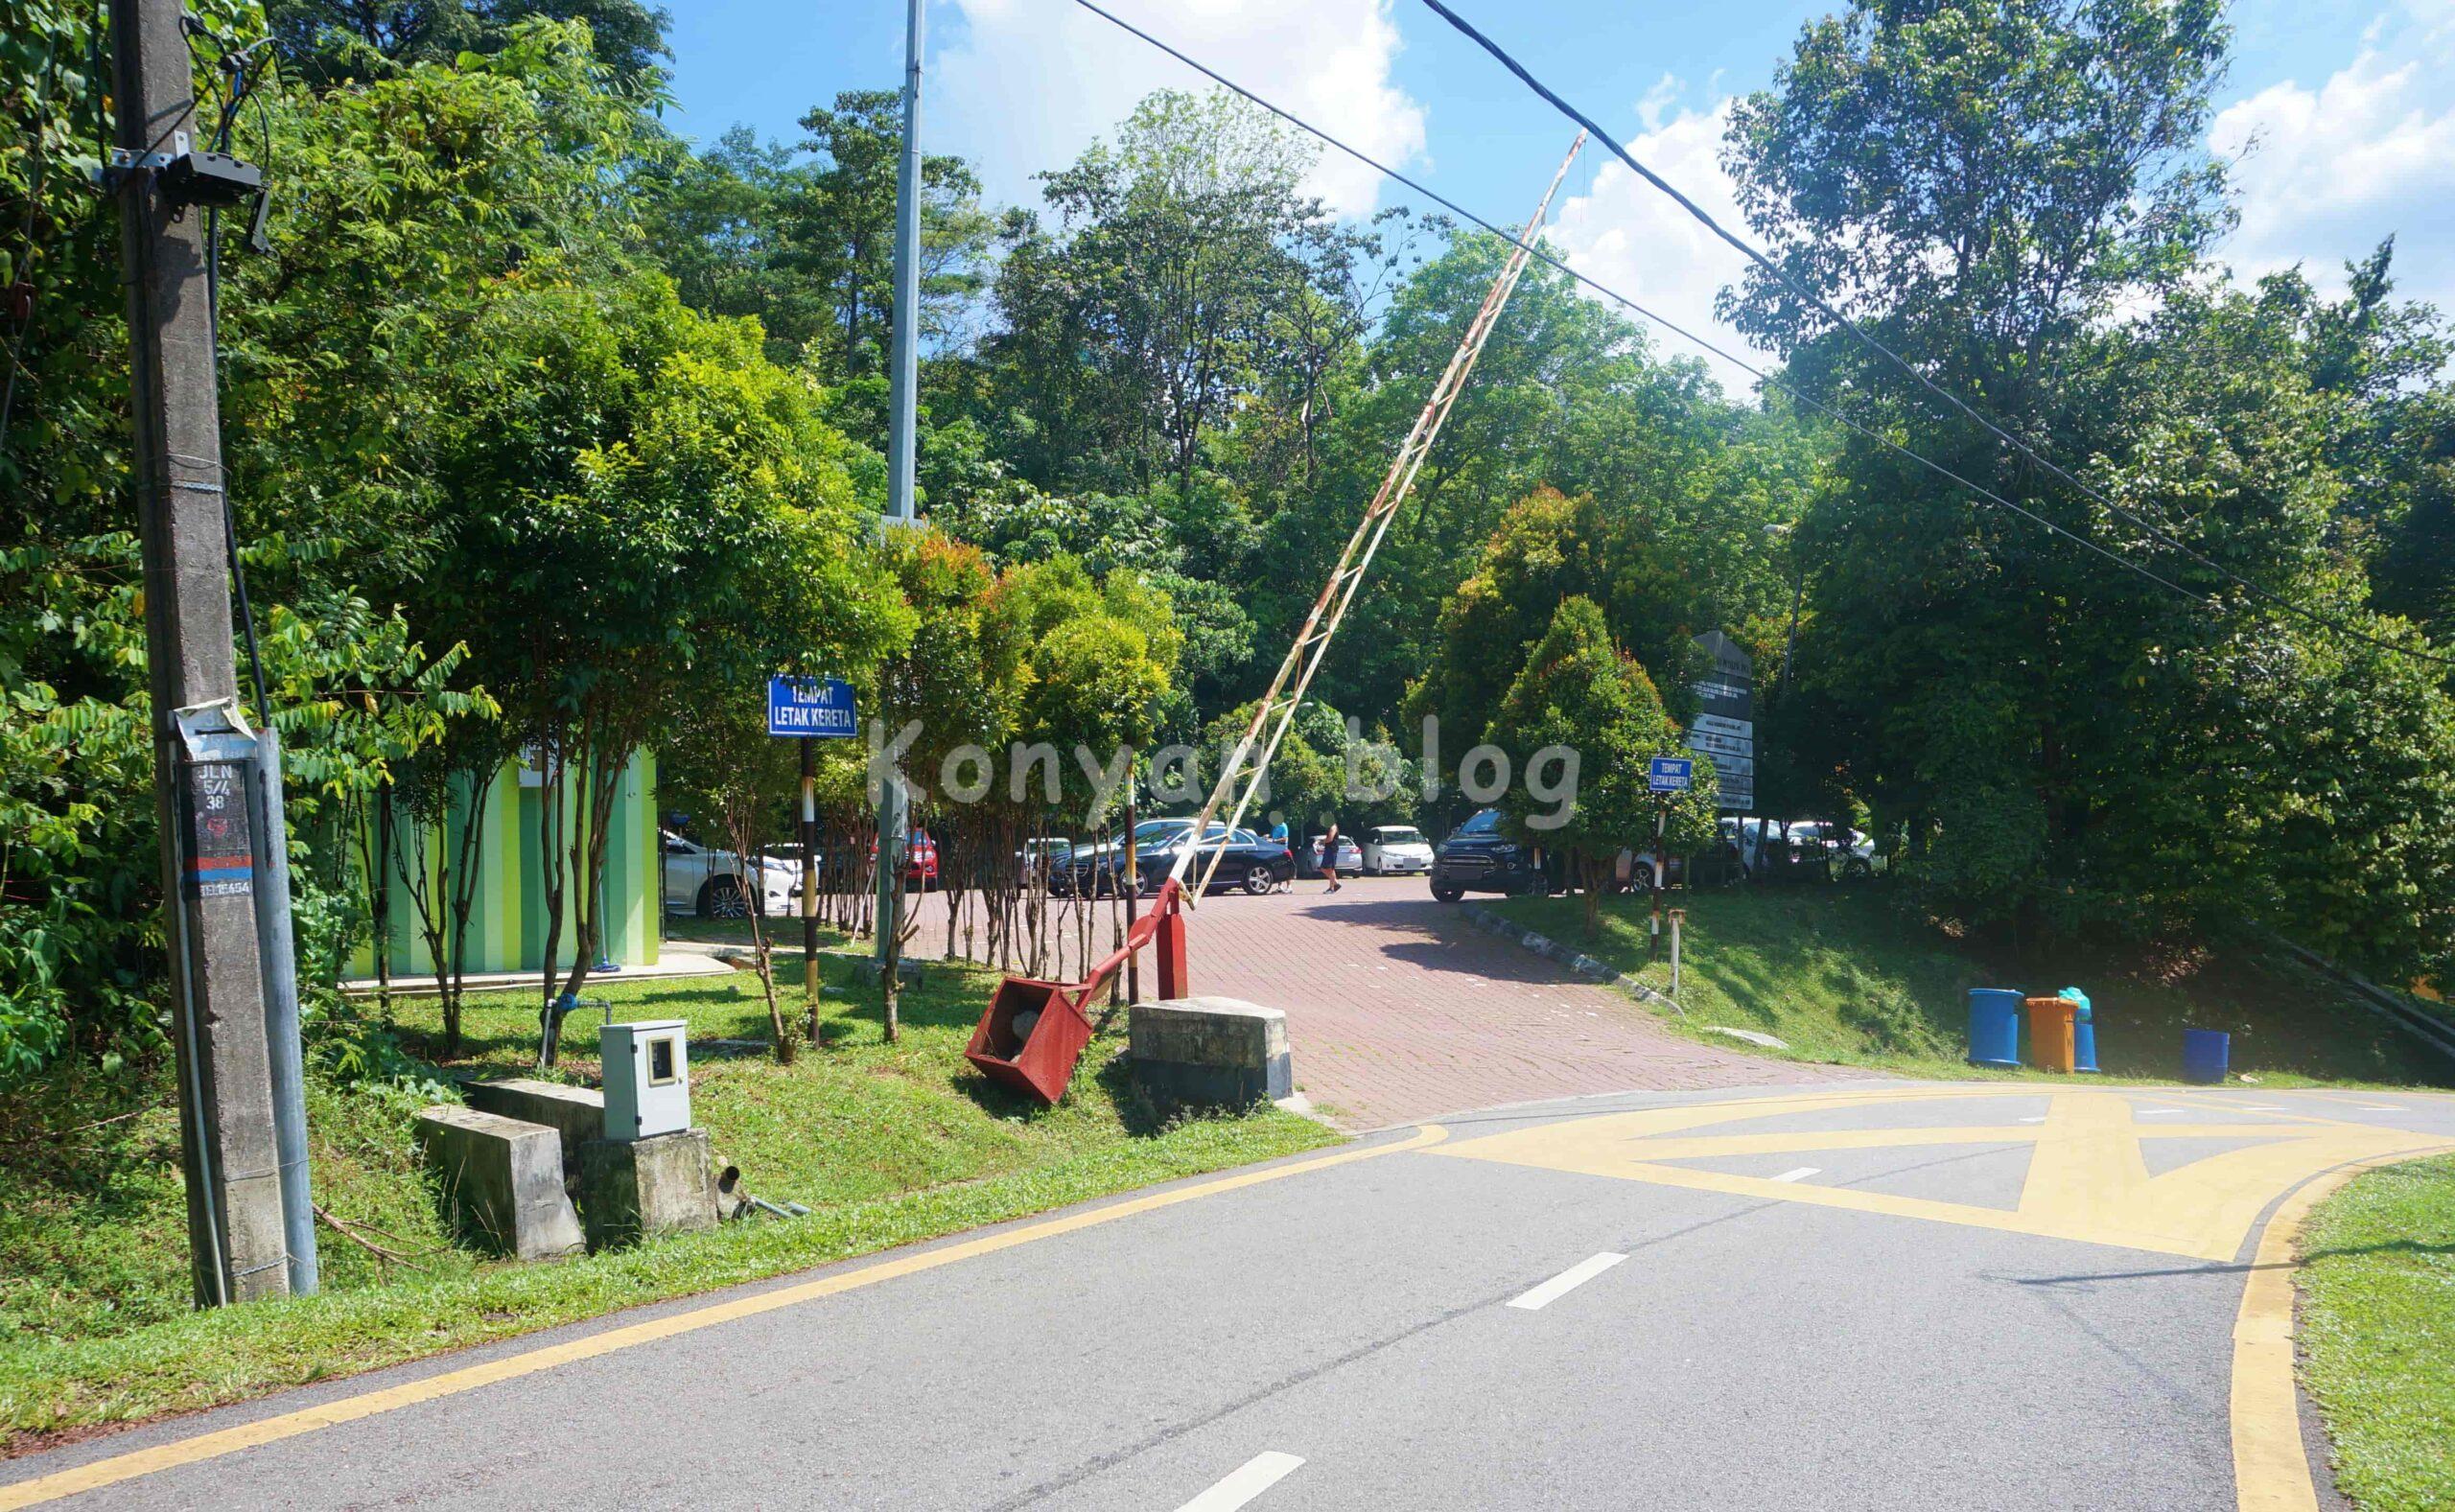 Hutan Pendidikan Bukit Gasing 駐車場